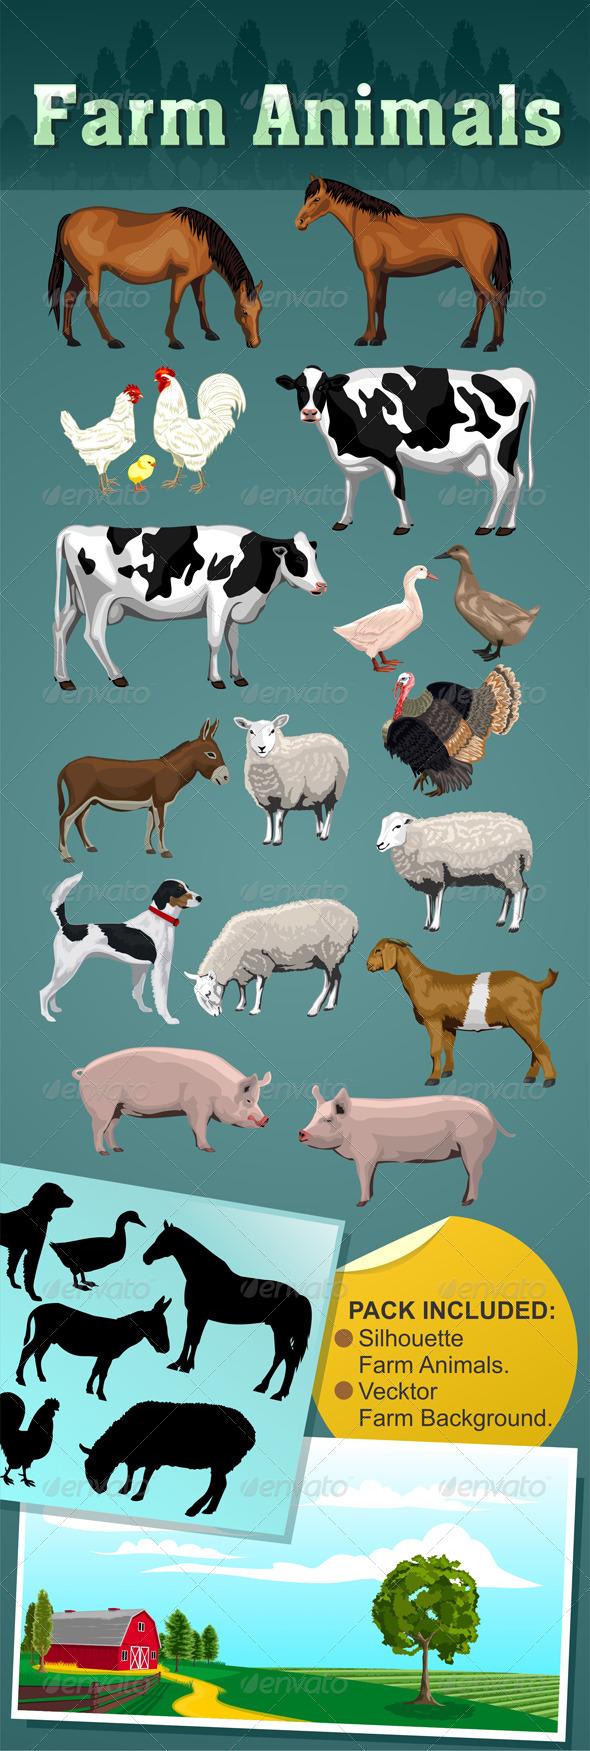 GraphicRiver Farm Animals 6898670